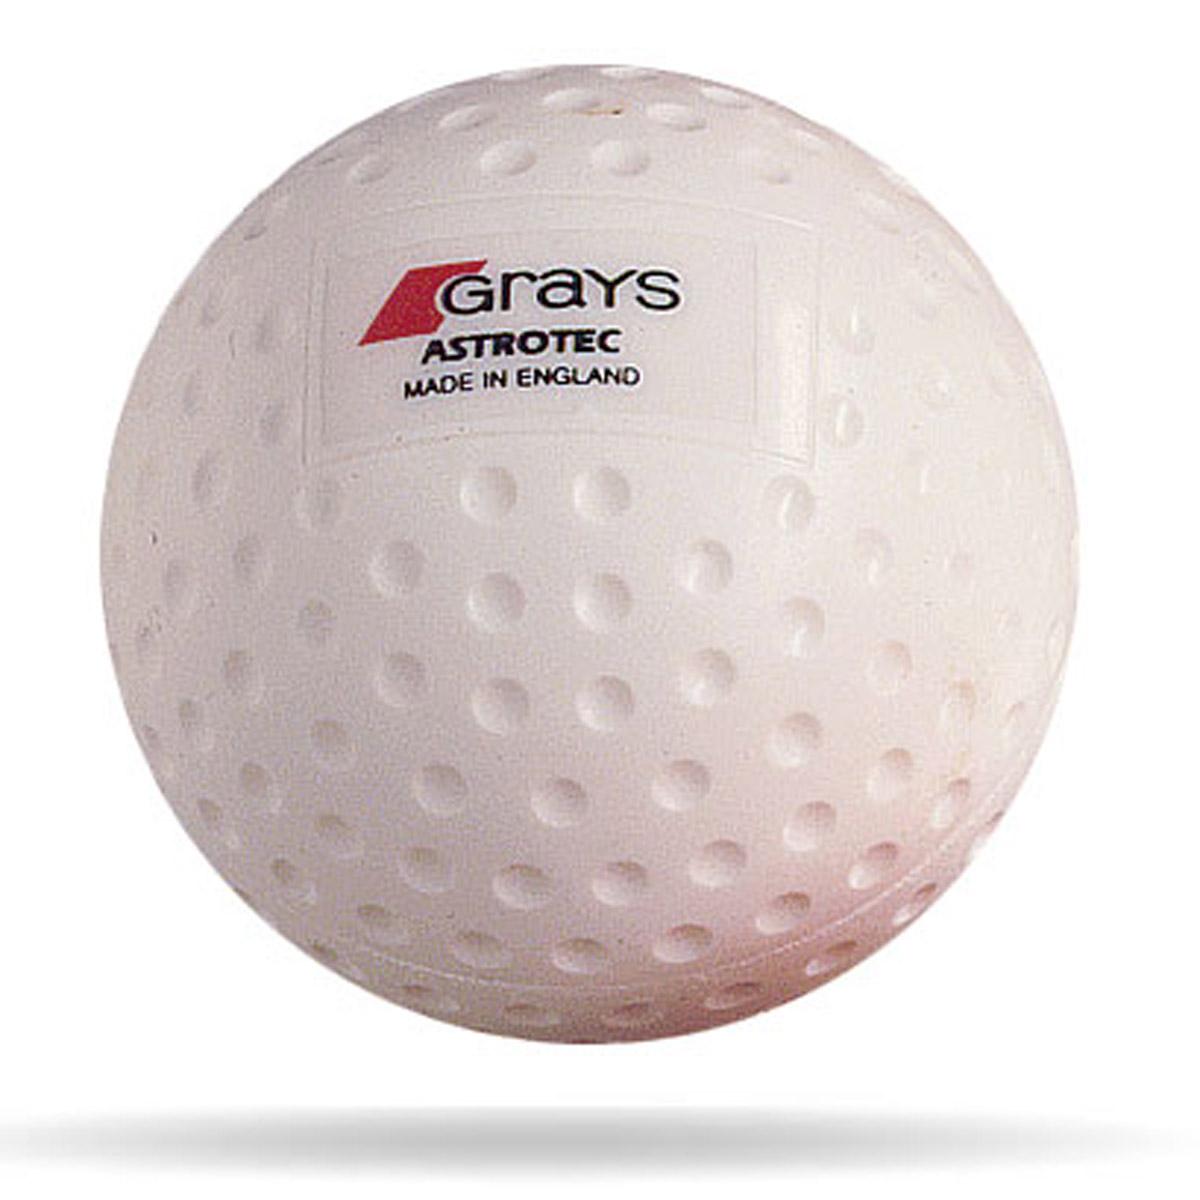 Мяч для игры в хоккей картинки